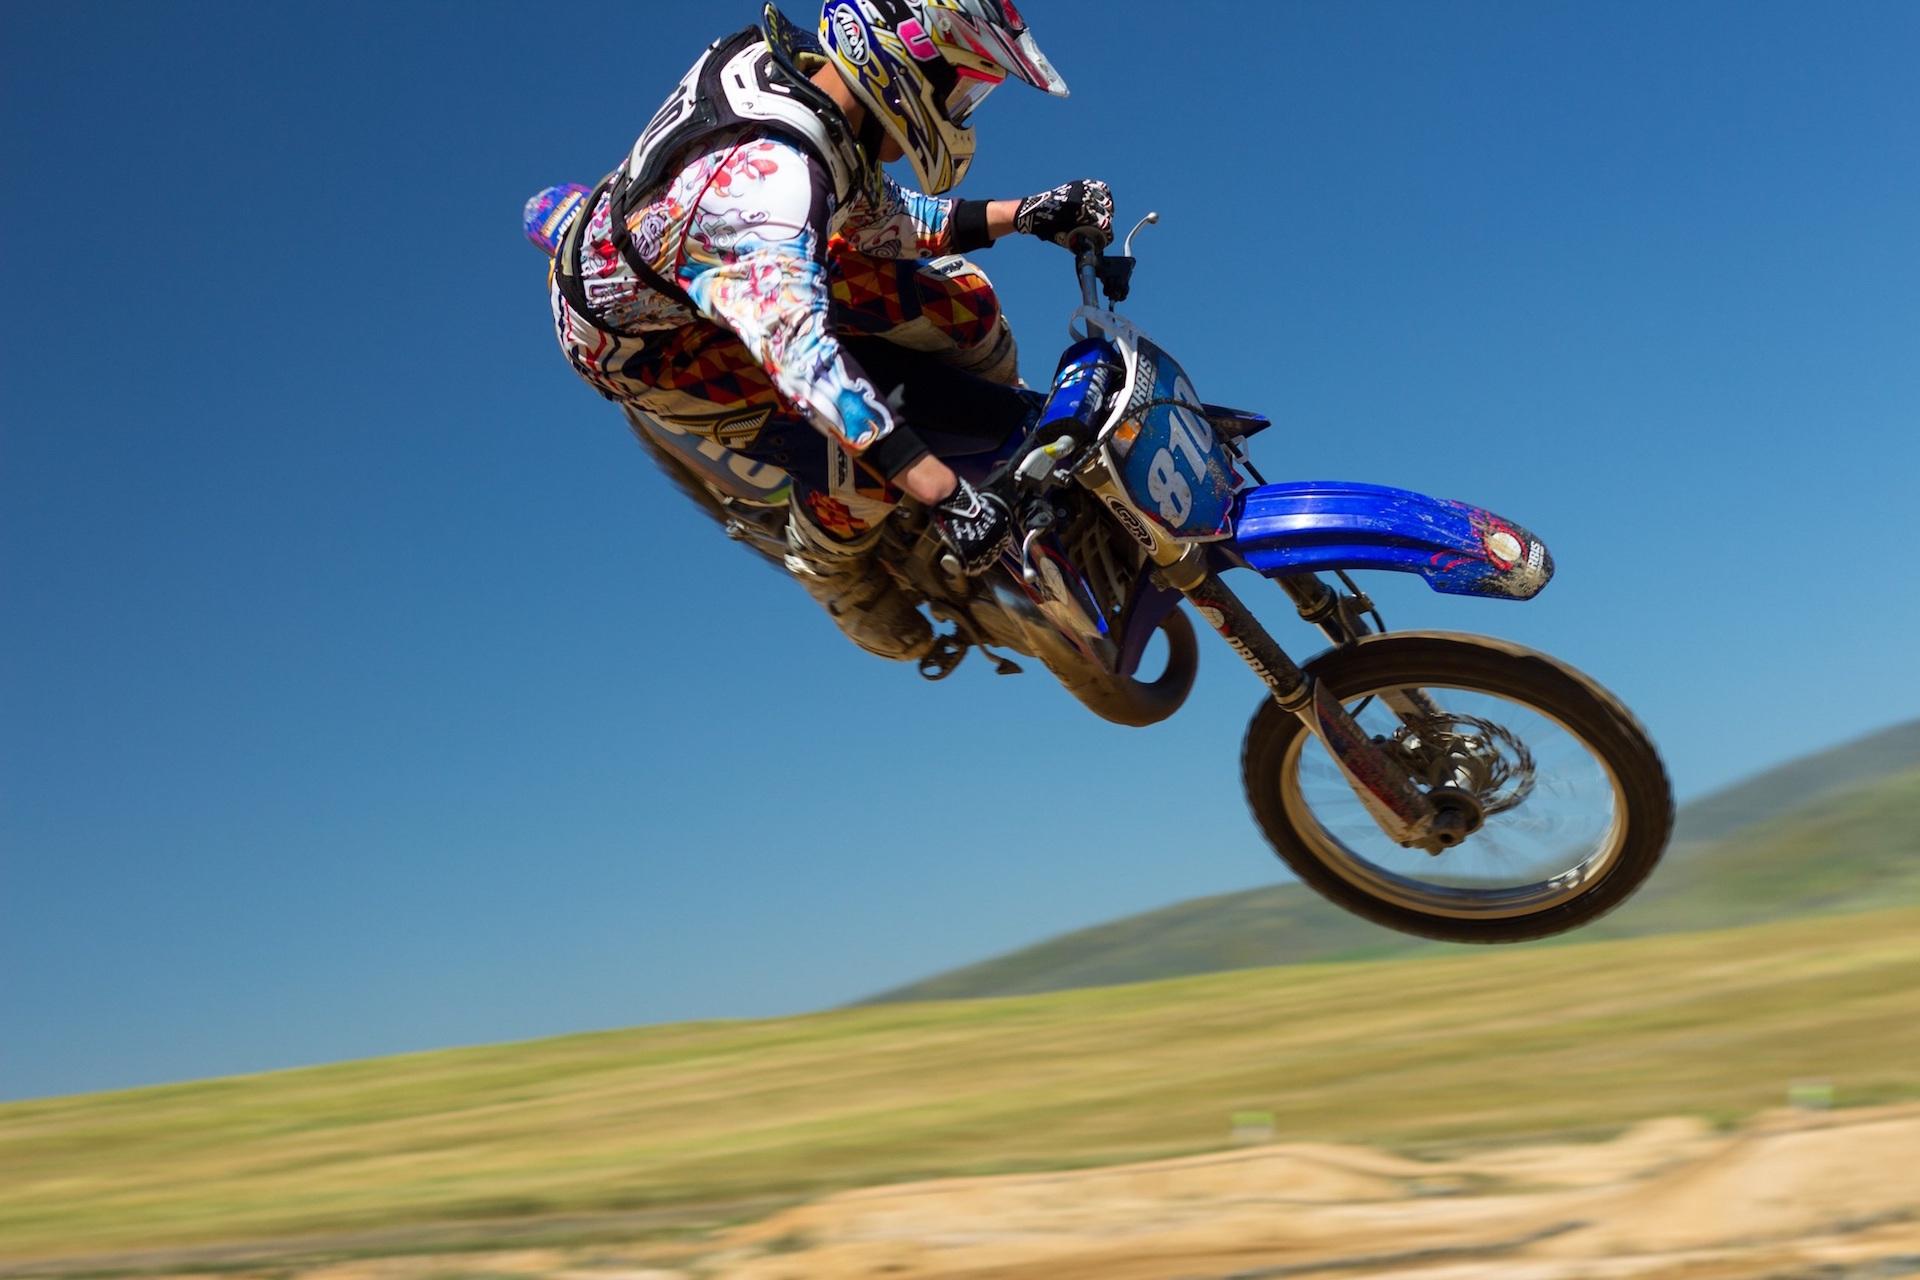 мотоцикл, прыжок, Карьера, риск, Конкурс - Обои HD - Профессор falken.com